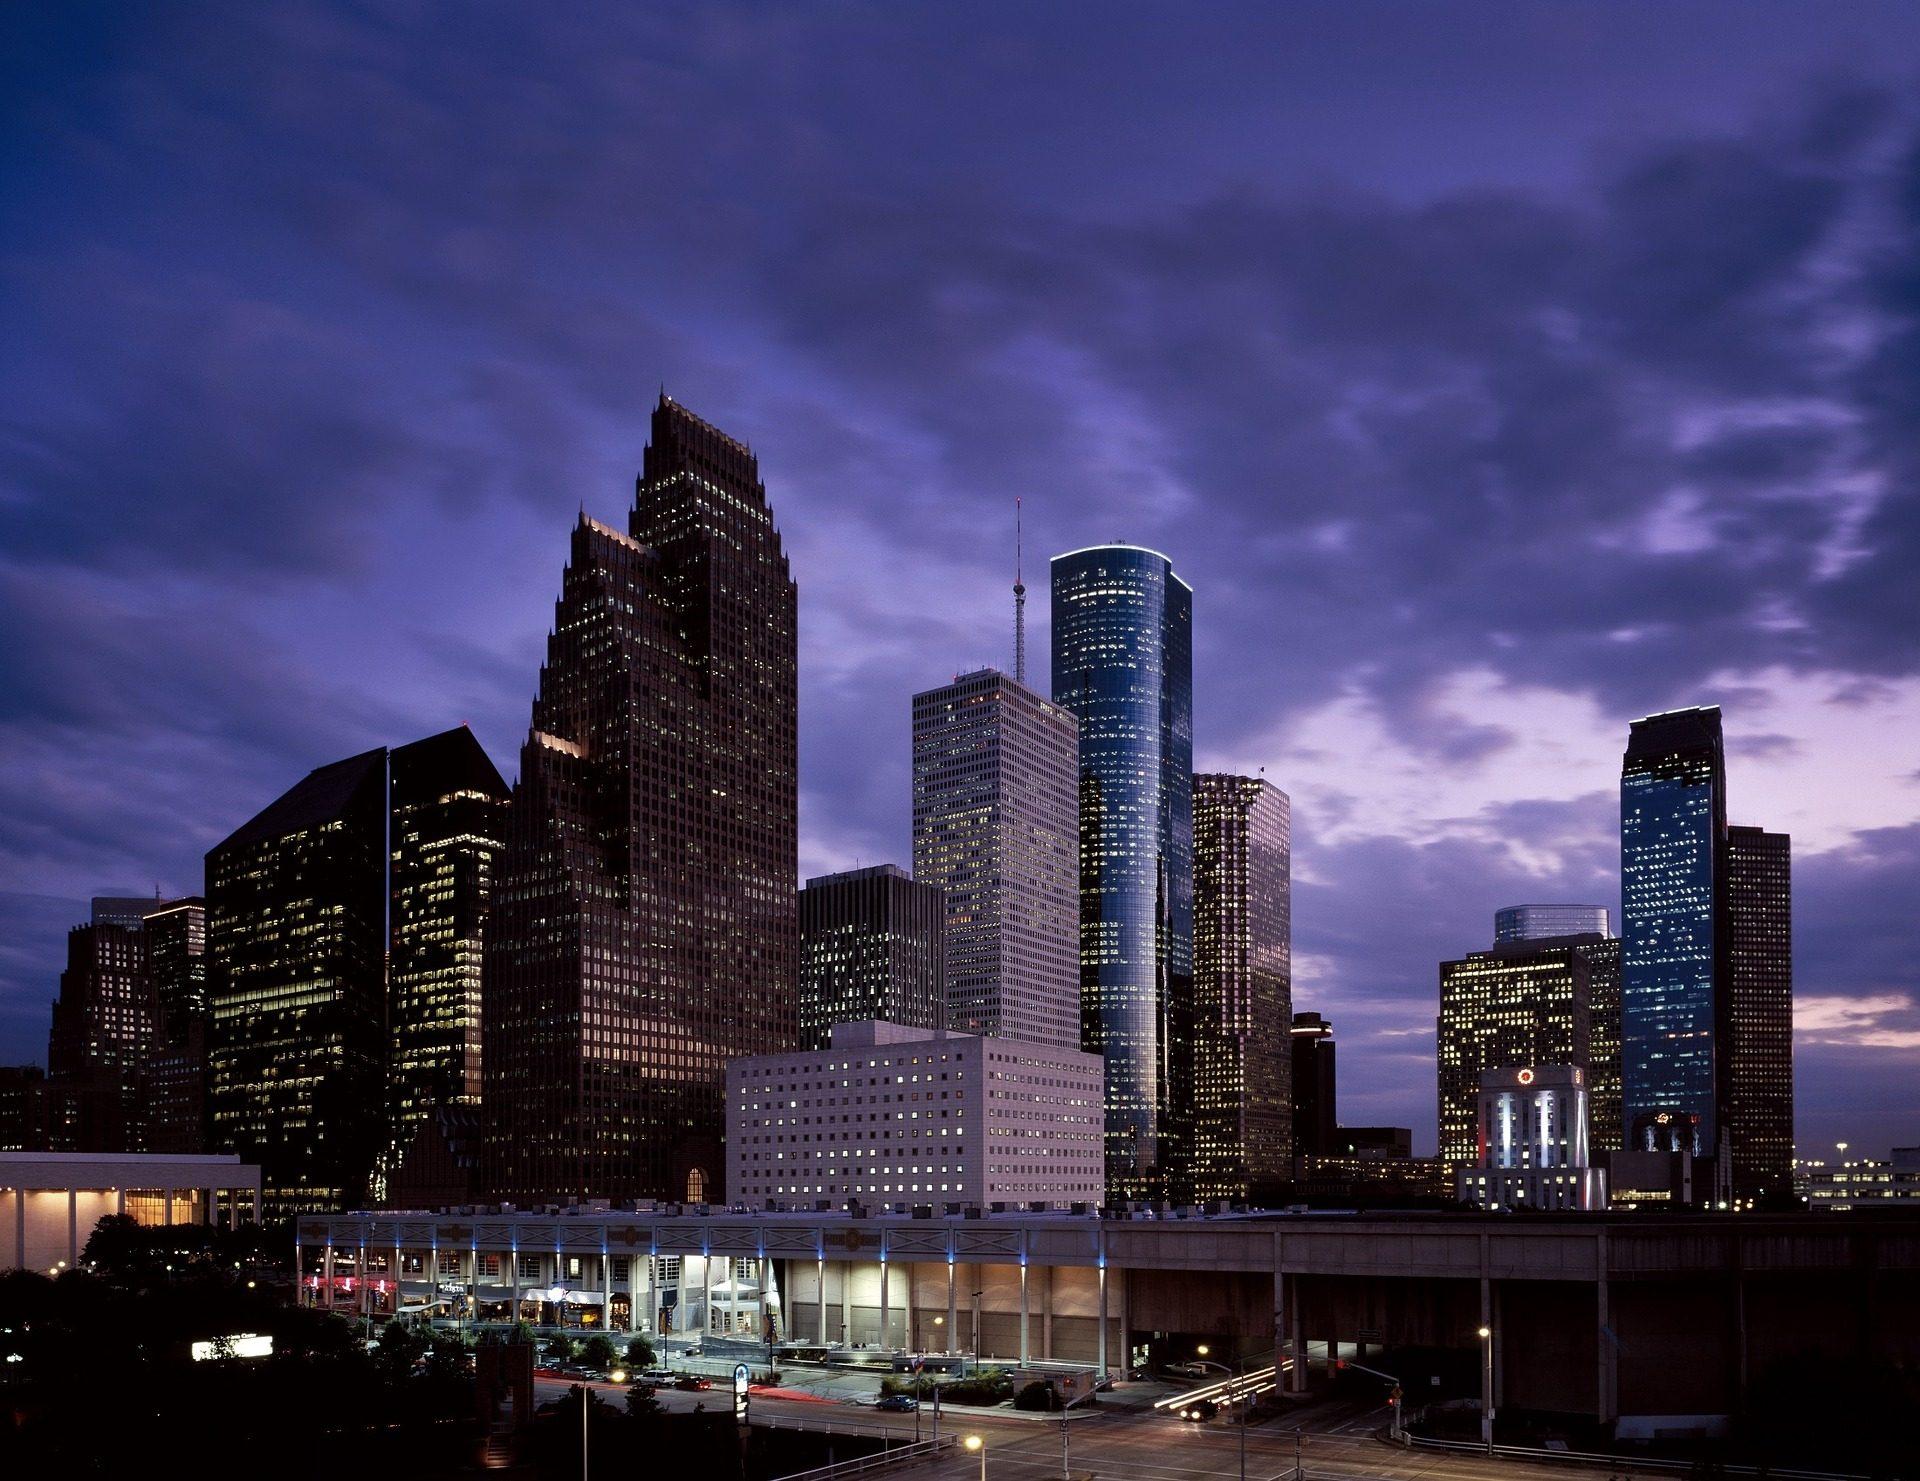 城市, 建筑, 摩天大楼, 天际线, 晚上, 灯 - 高清壁纸 - 教授-falken.com